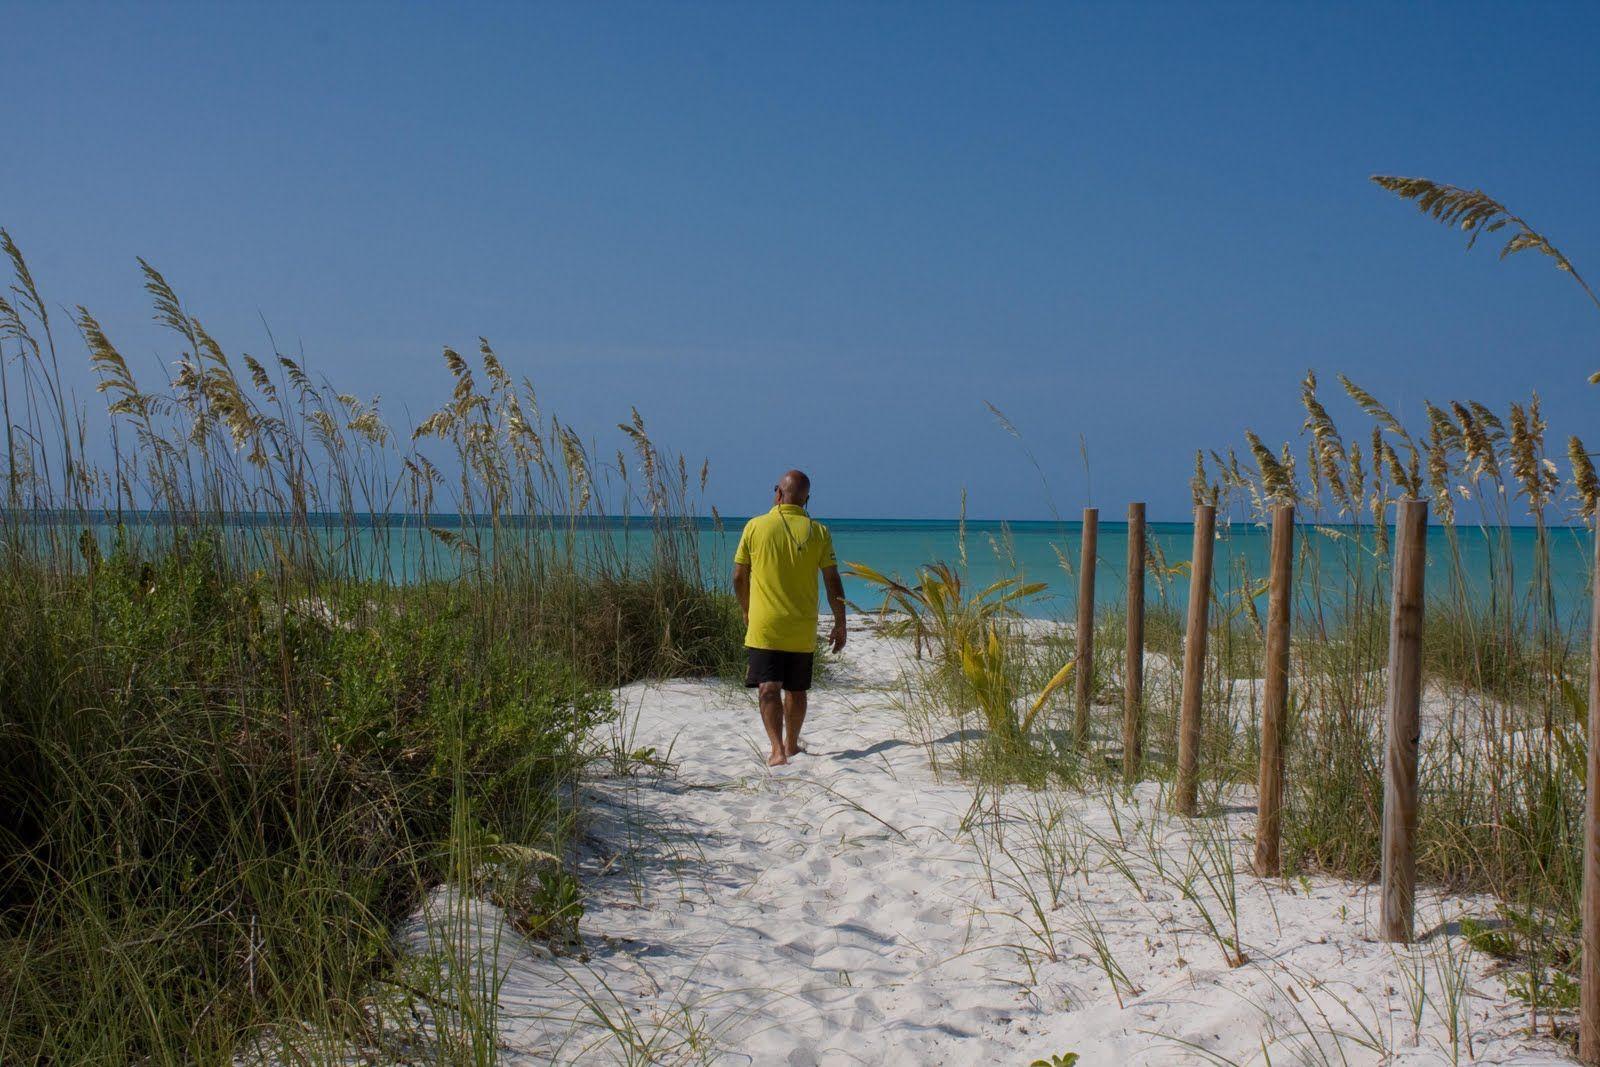 ploddingINparadise.com: SIGHTS OF SPANISH WELLS, Eleuthera, Bahamas